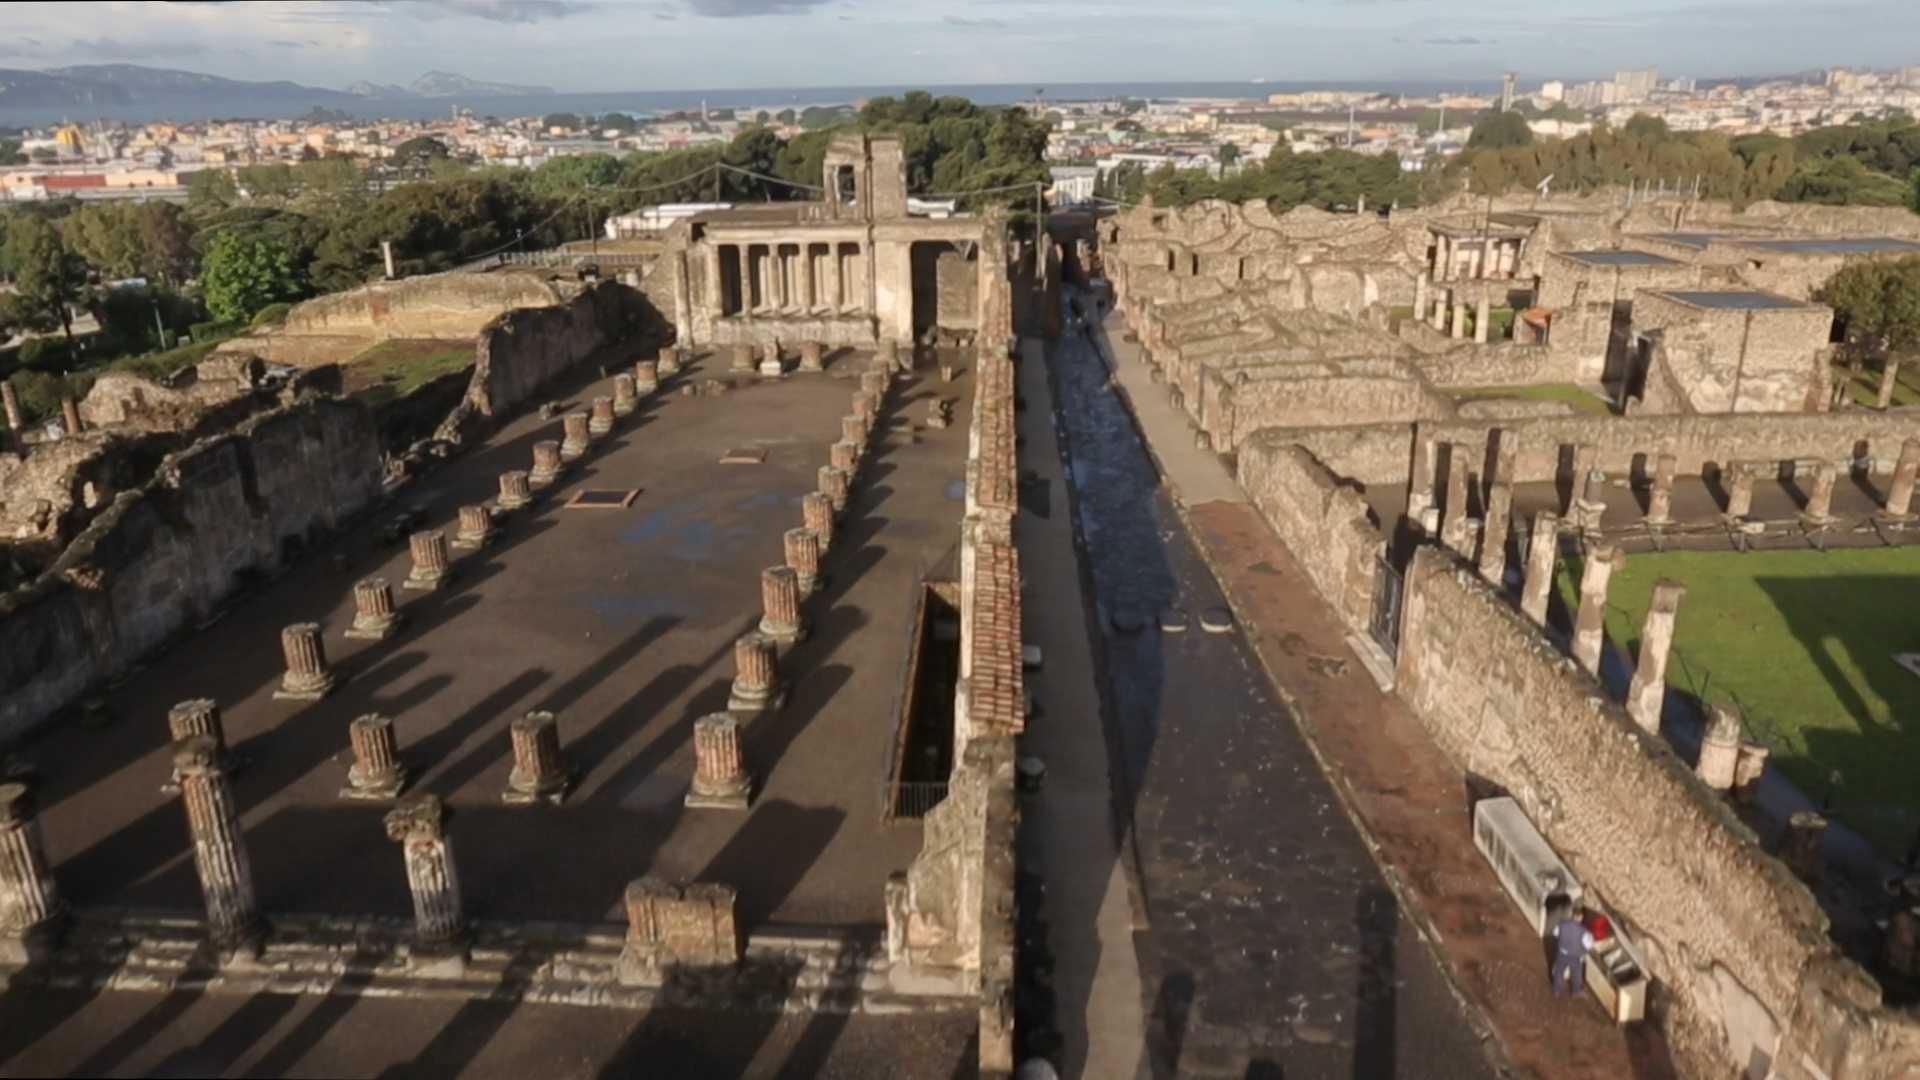 Pompei 3D, domani su Sky 3D un racconto con immagini esclusive | Digitale terrestre: Dtti.it